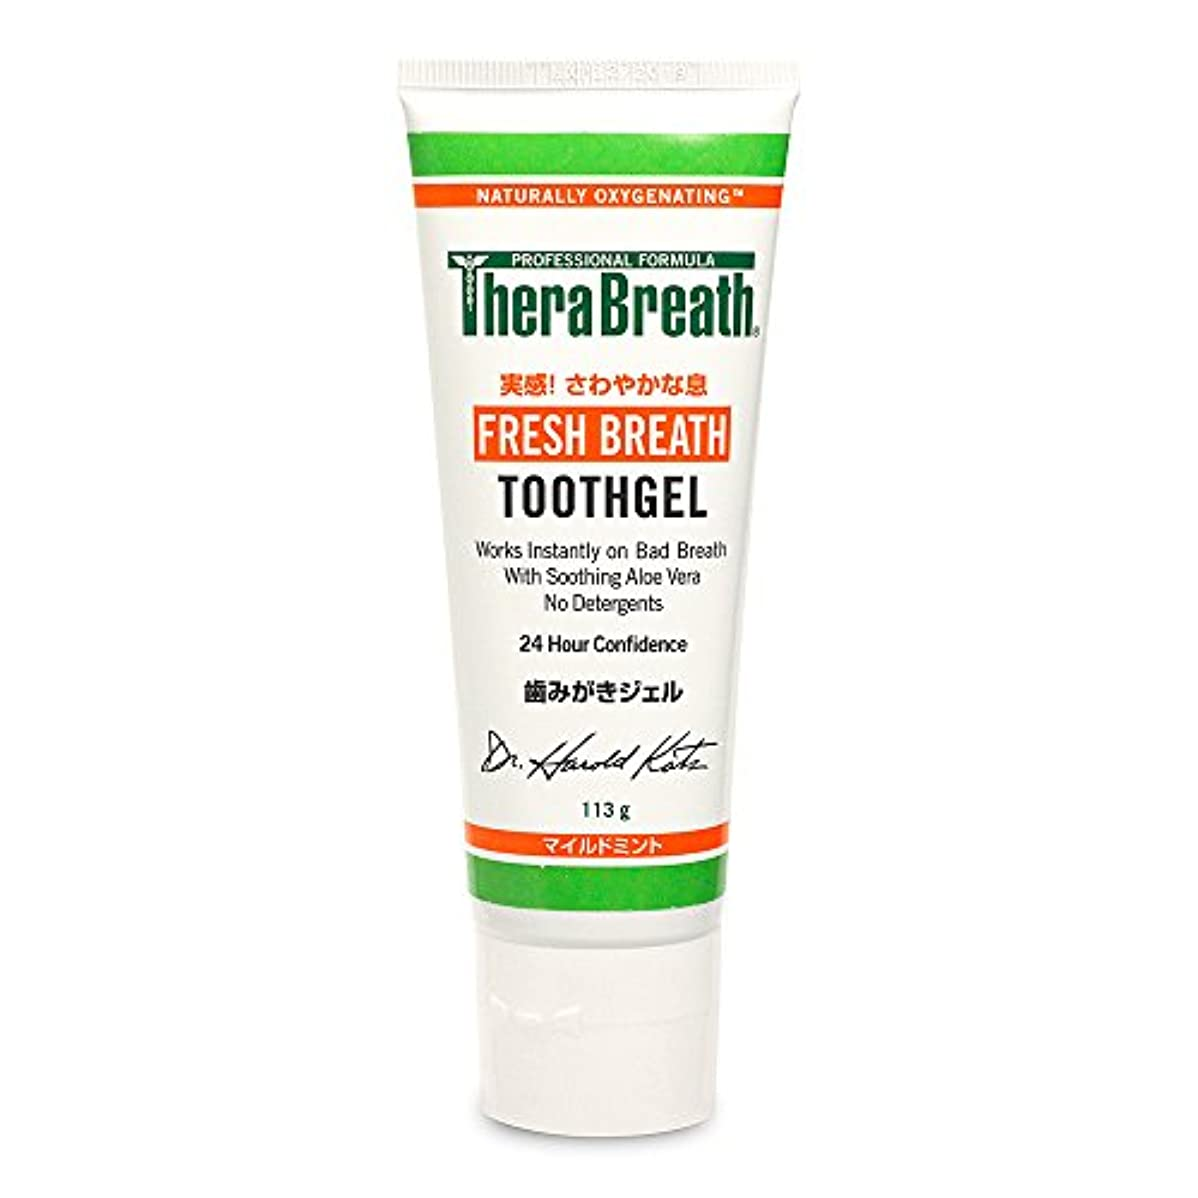 誰の日光食品TheraBreath (セラブレス) セラブレストゥースジェル 113g (正規輸入品) 舌磨き